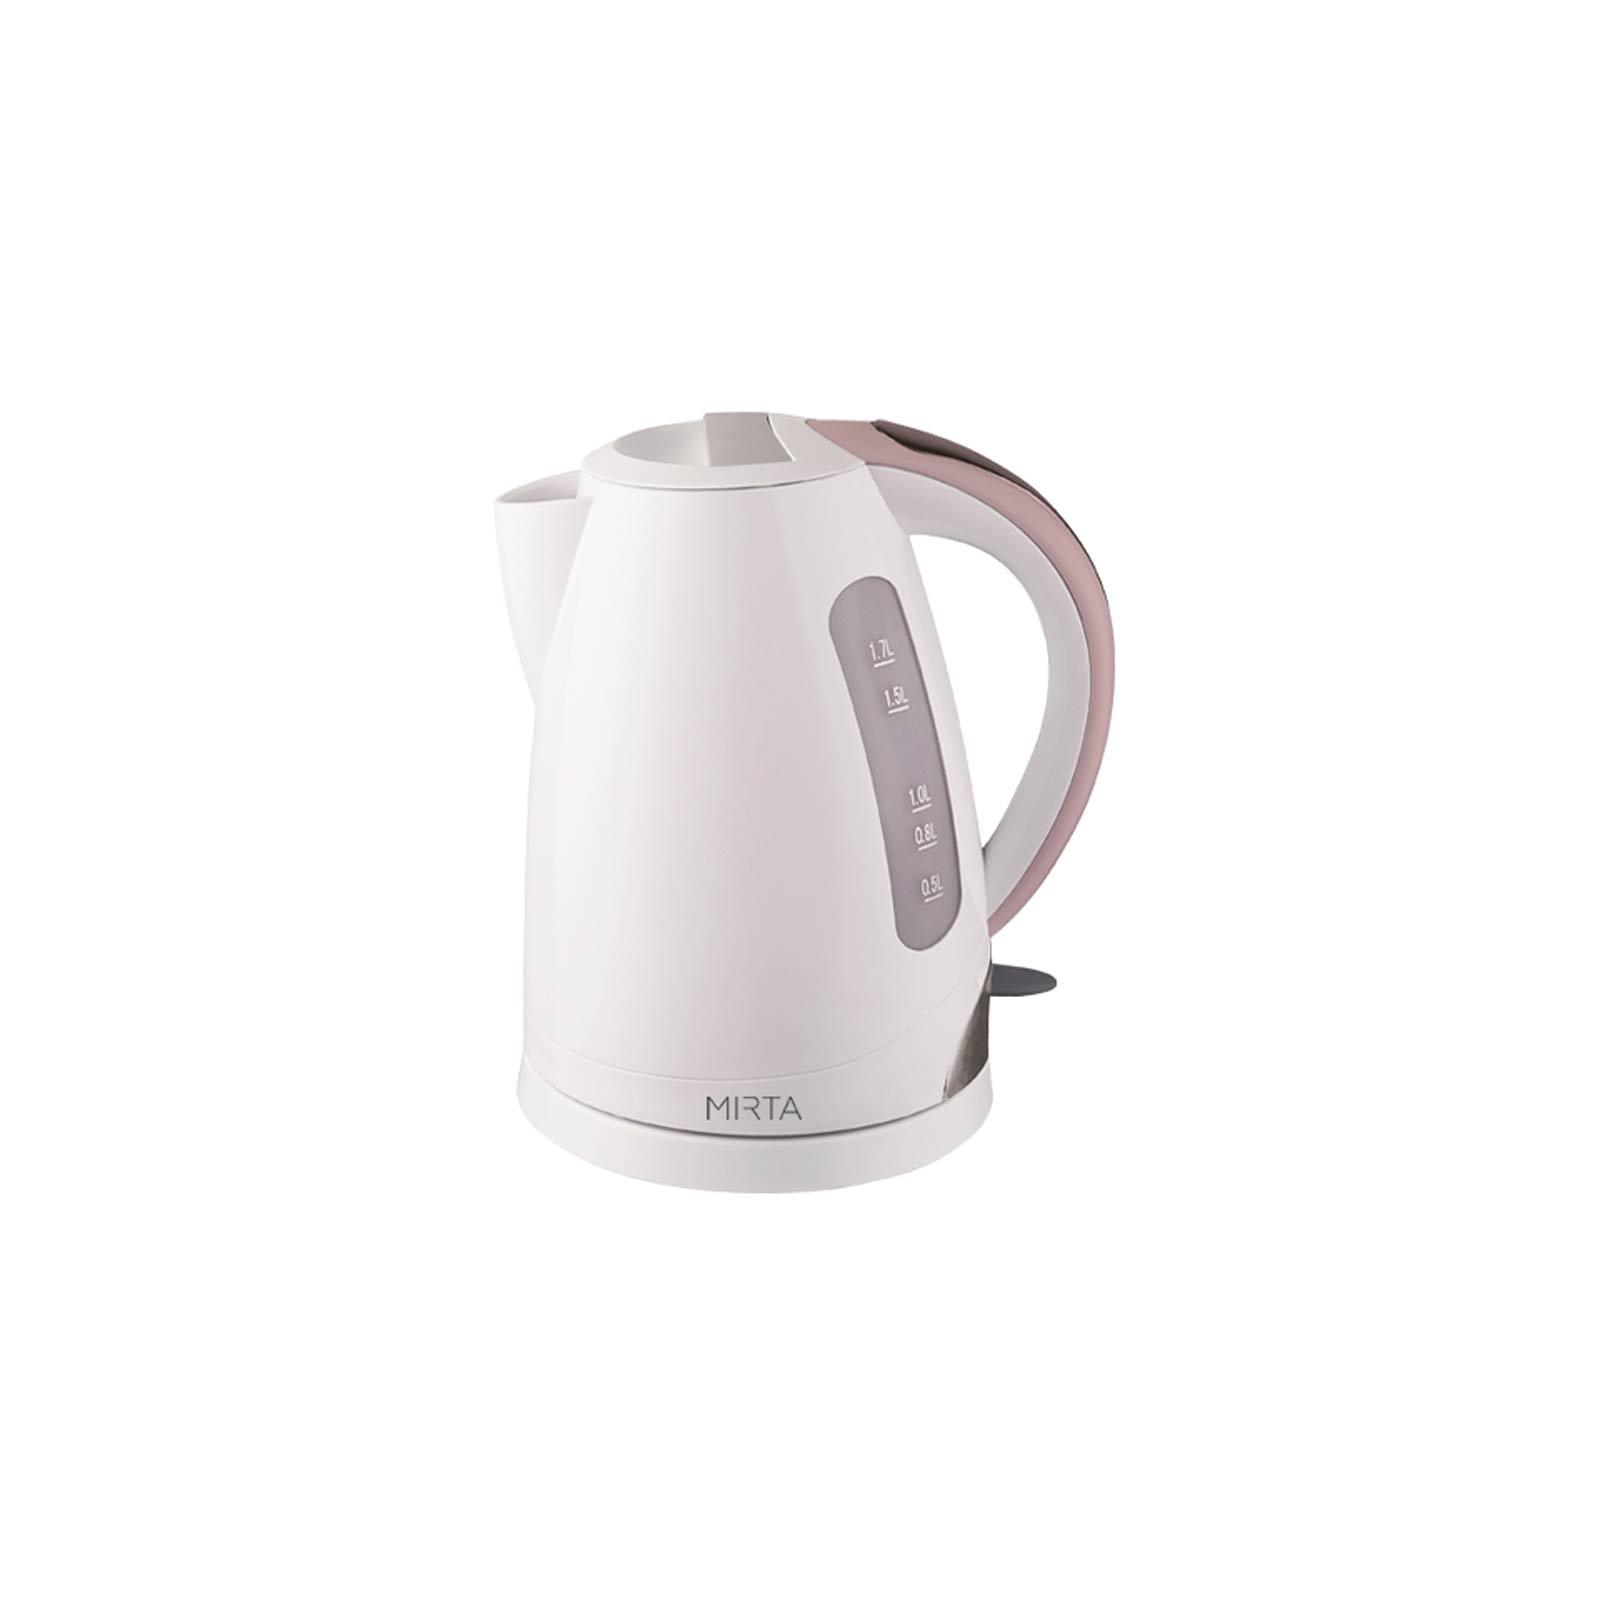 Электрочайник MIRTA KT-1034